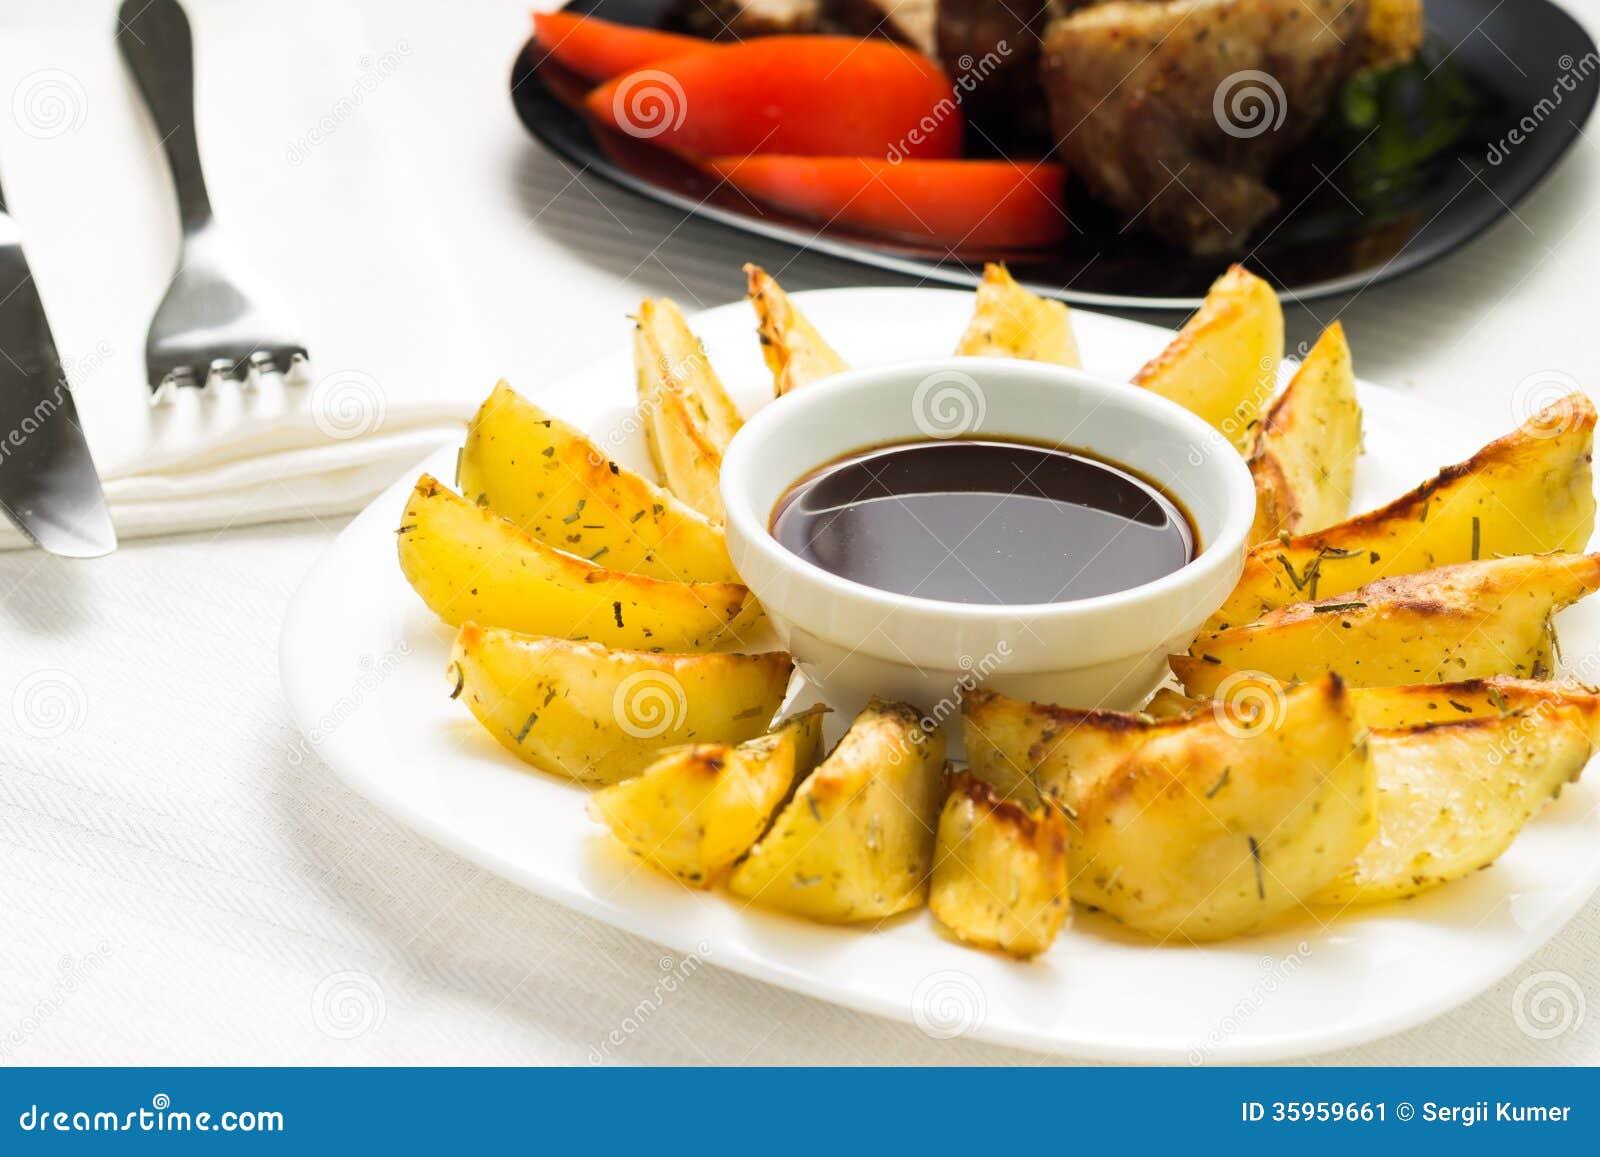 Patata asada a la parrilla con carne de vaca cocida